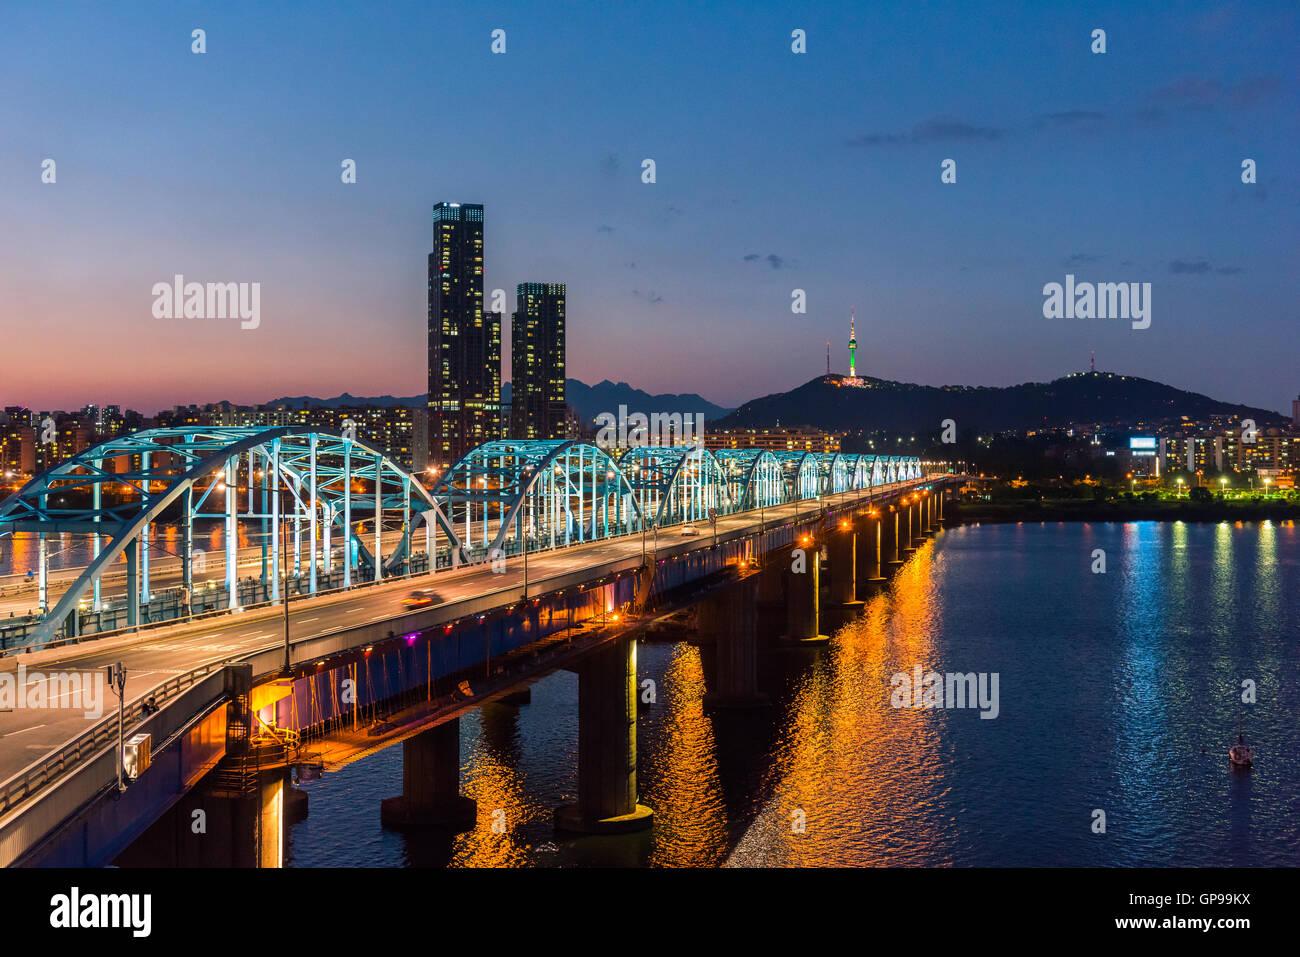 Seul di notte, la Corea del Sud dello skyline della città a ponte Dongjak fiume Han a Seoul , Corea del Sud. Immagini Stock